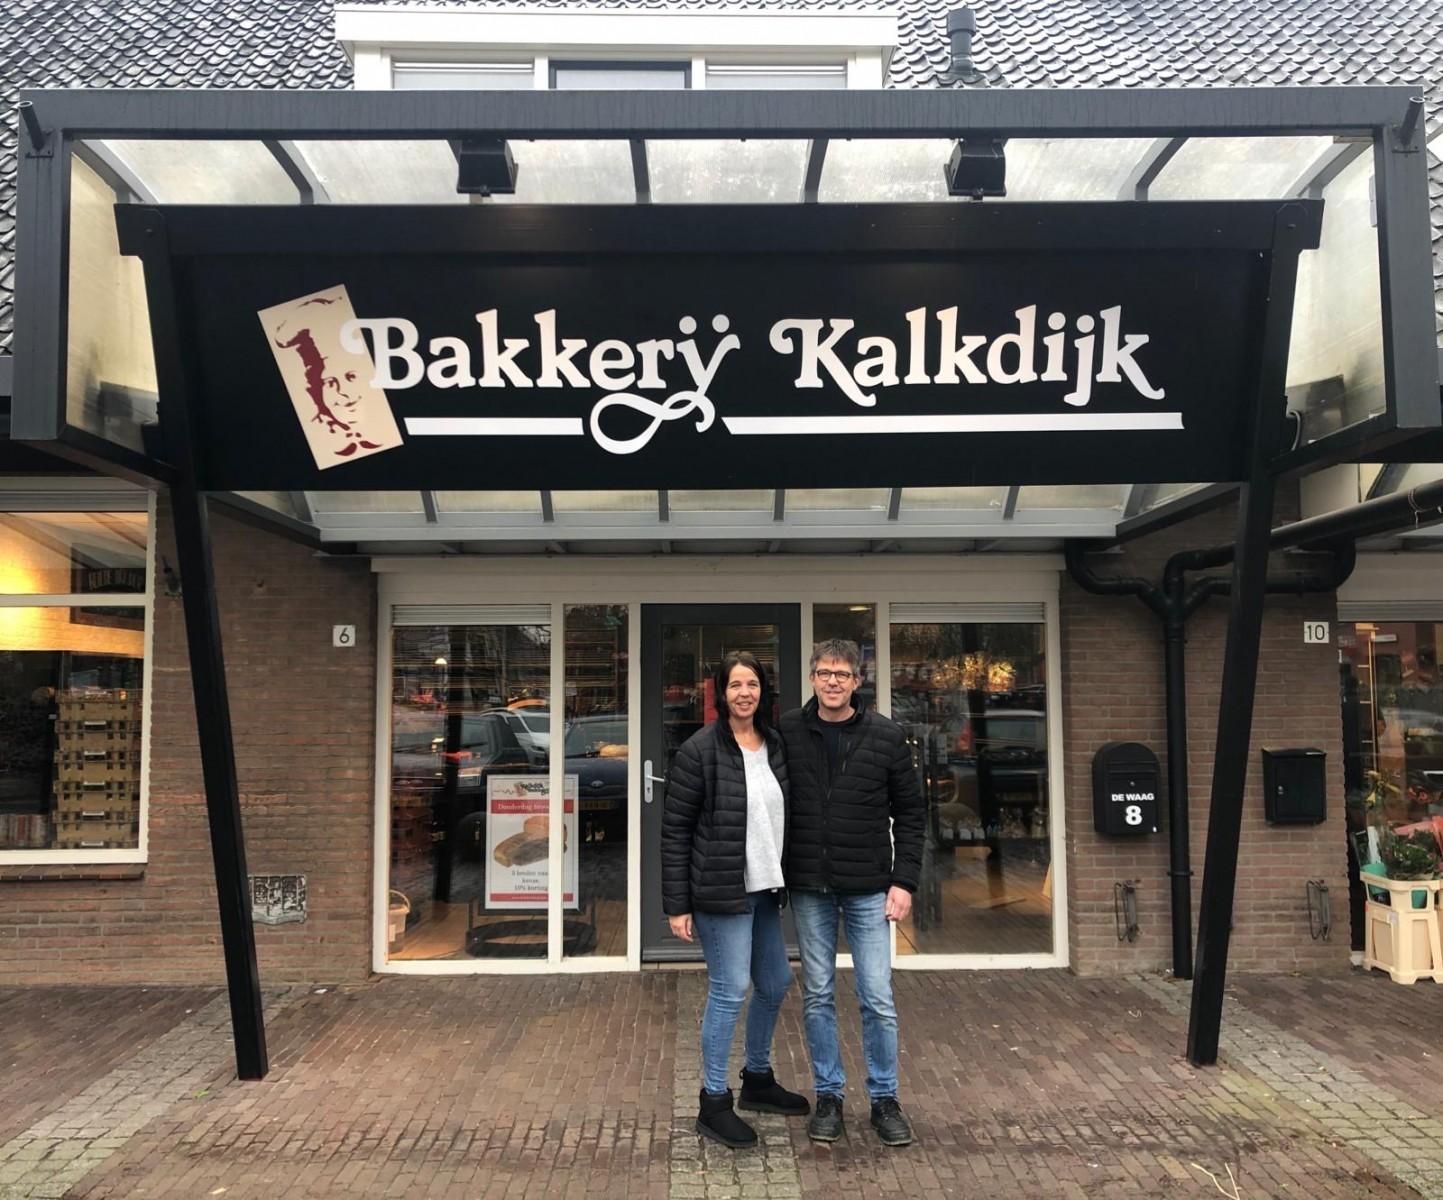 Foto Bakkerij Kalkdijk De Waag